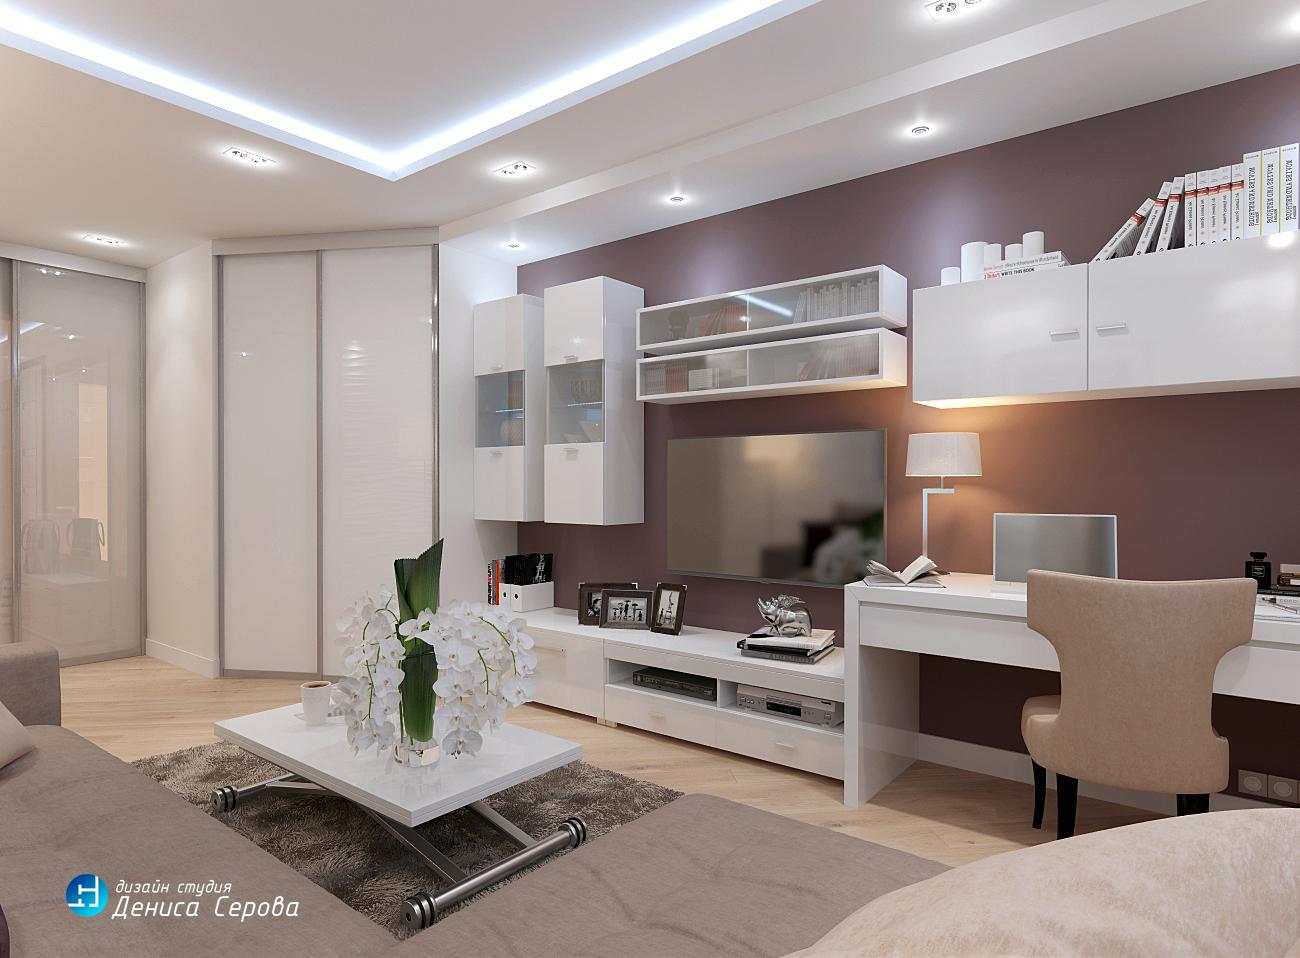 Дизайн-проект интерьера 3-х комнатной квартиры площадью 75 кв.м. для семьи с ребенком